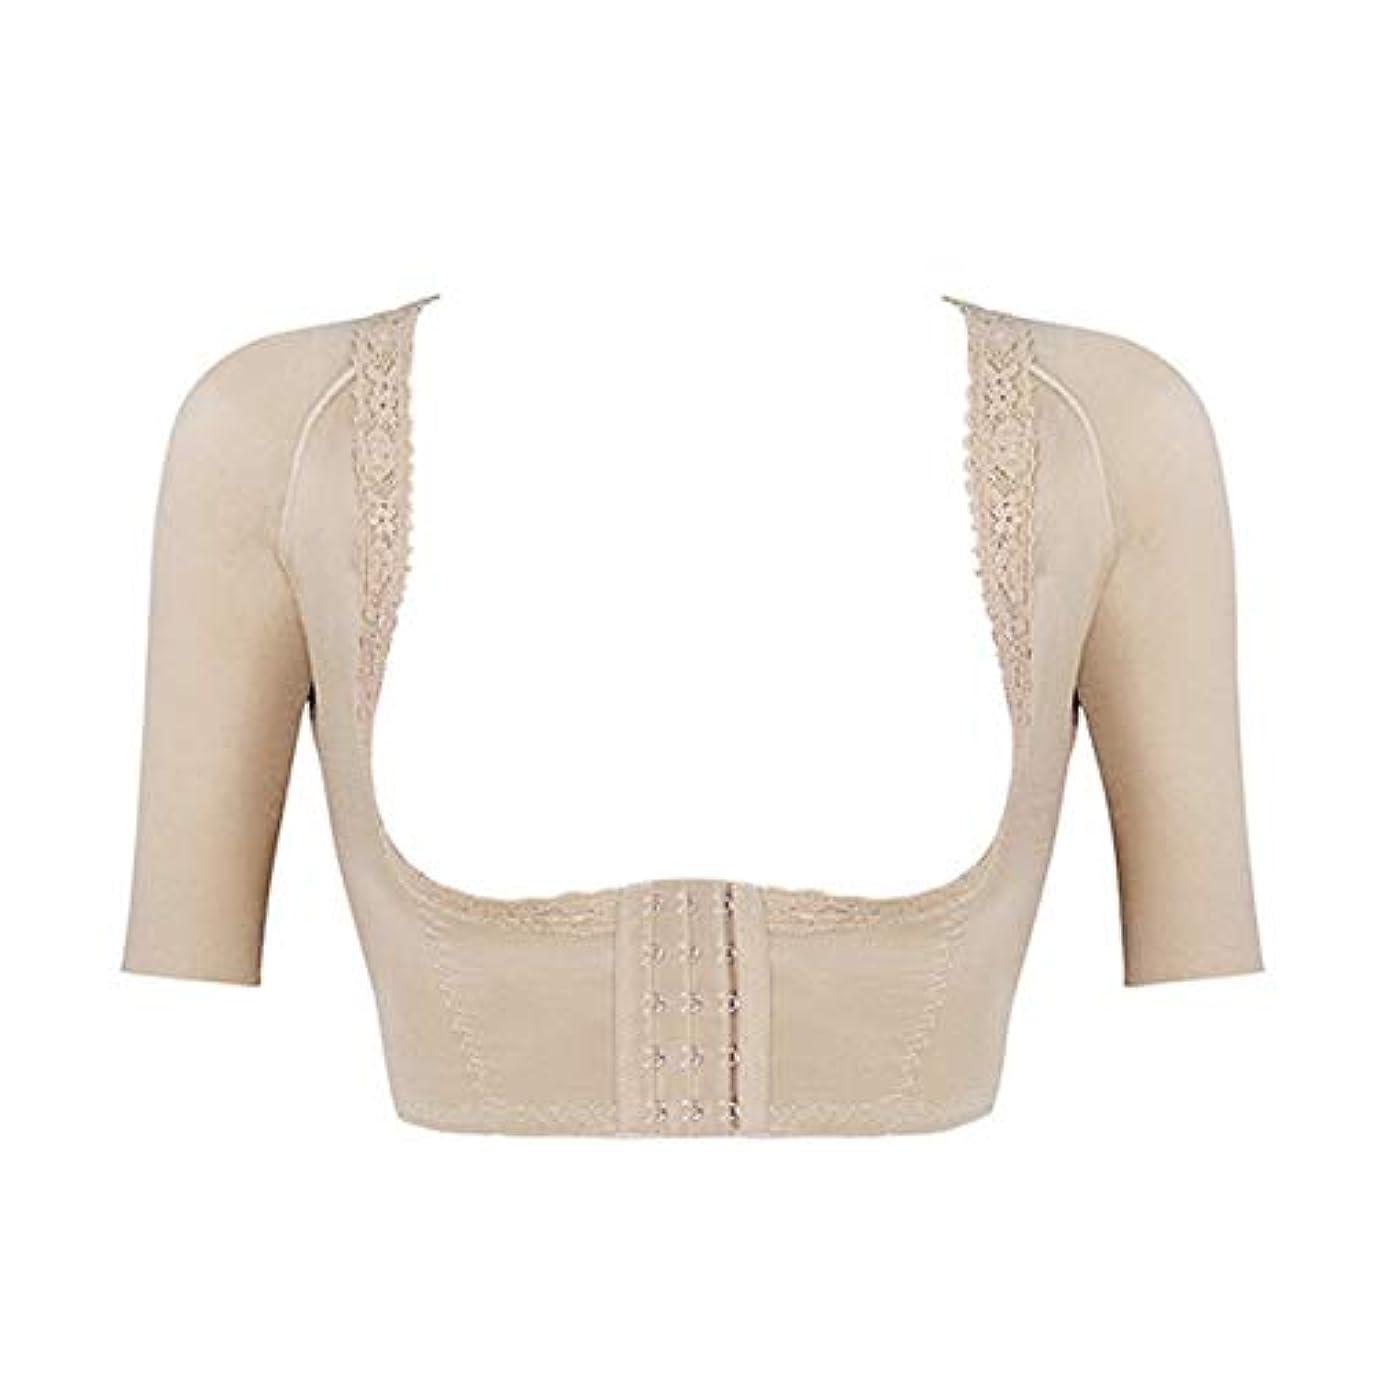 差別聴覚障害者地上の女性のボディシェイパートップス快適な女性の腕の脂肪燃焼乳房リフトシェイプウェアスリムトレーナーコルセット-スキンカラー-70